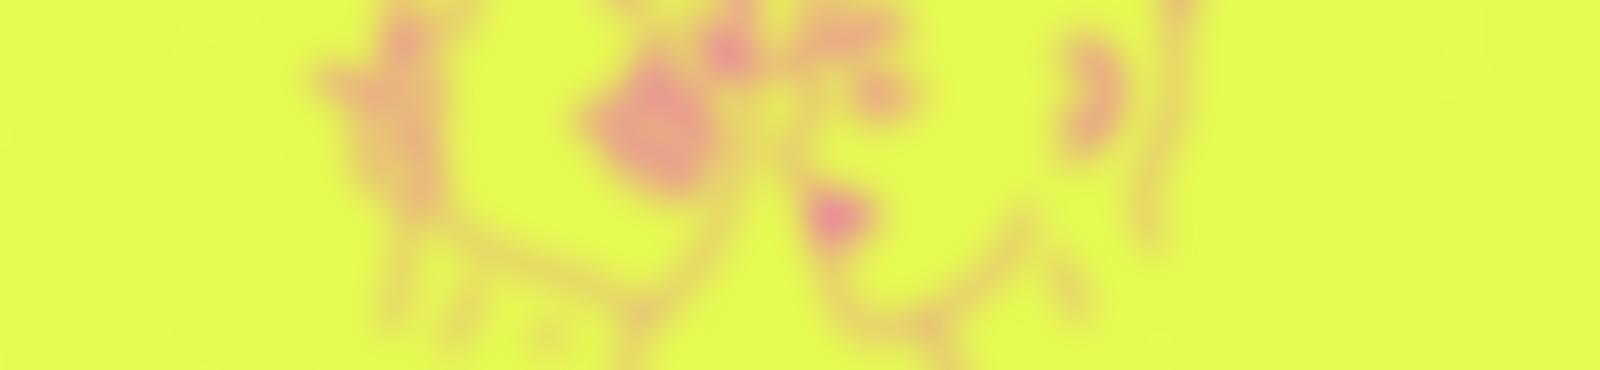 Blurred 2ff1eee0 f309 4bae 99b7 4d69b9c80c96